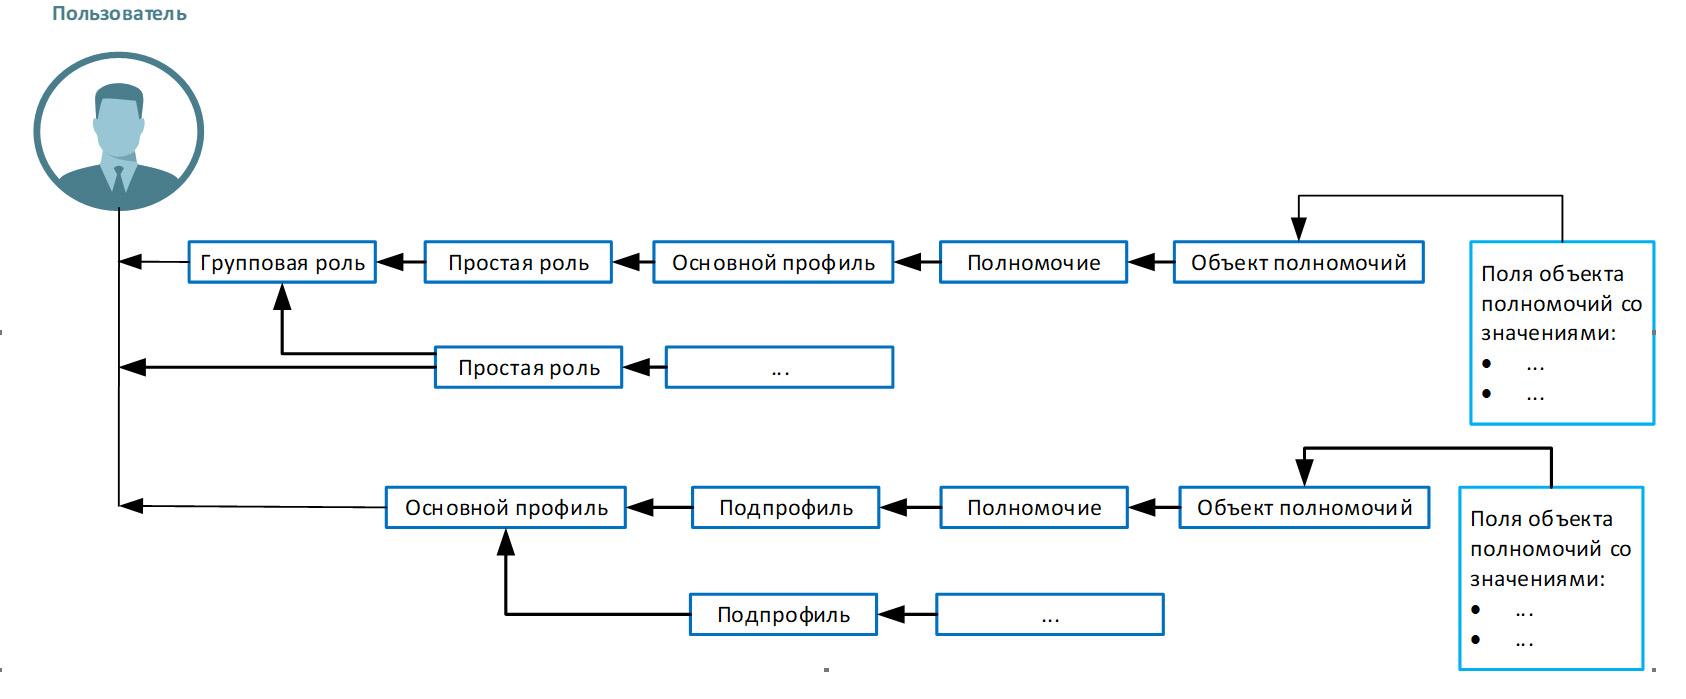 Обновление программного комплекса SafeERP: Иерархия полномочий